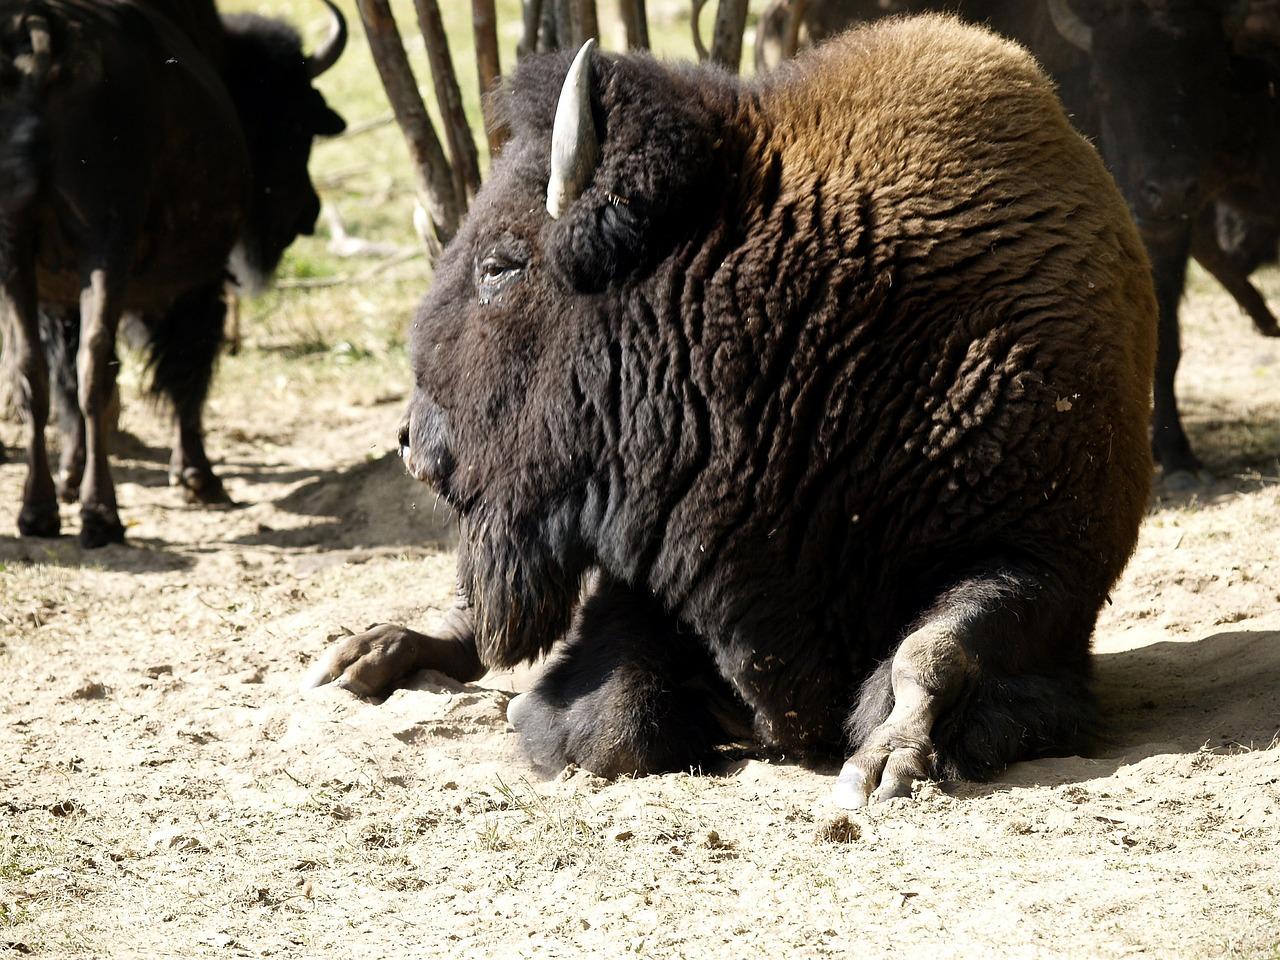 梦见一只小野牛是什么寓意? 梦见野牛和一些野生动物